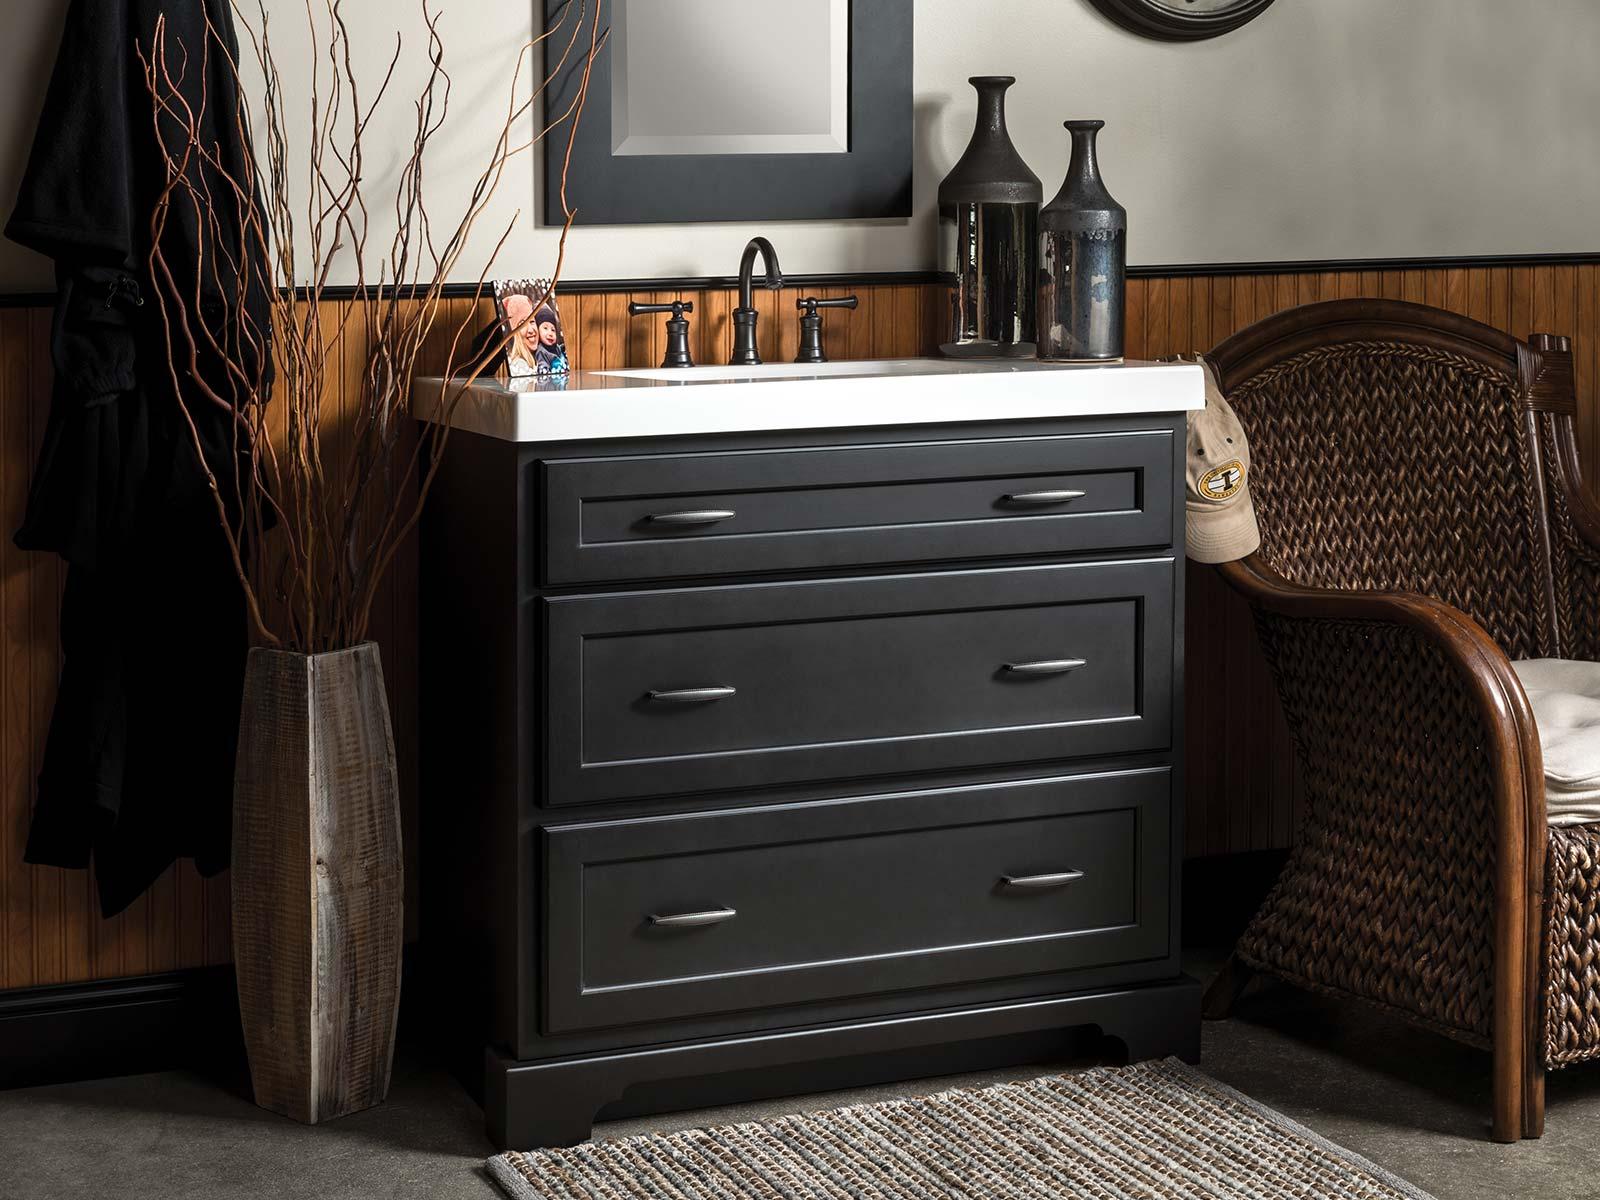 Bathroom Vanity And Cabinet Styles, Bathroom Vanities That Look Like Furniture